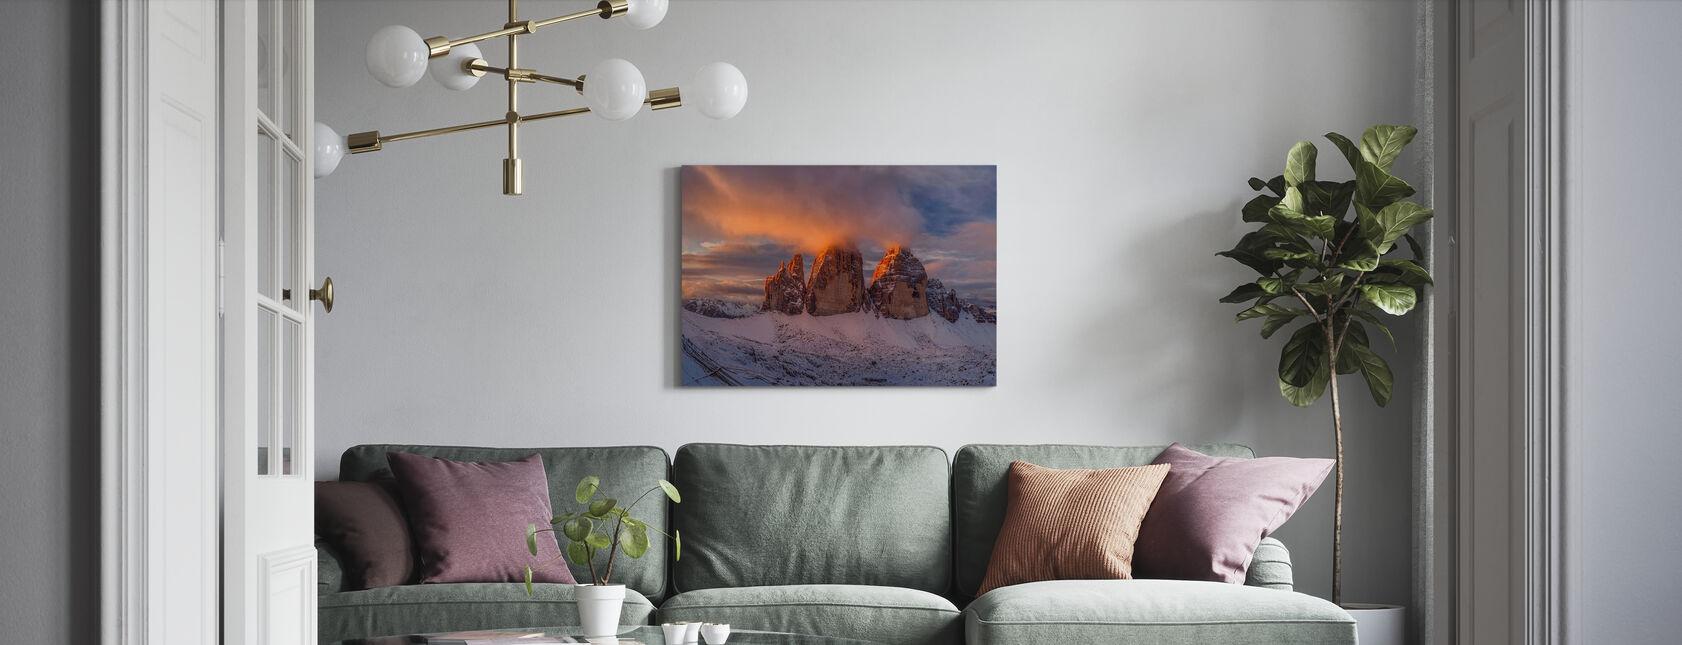 Die Geschichte des einen Sonnenaufgangs - Leinwandbild - Wohnzimmer